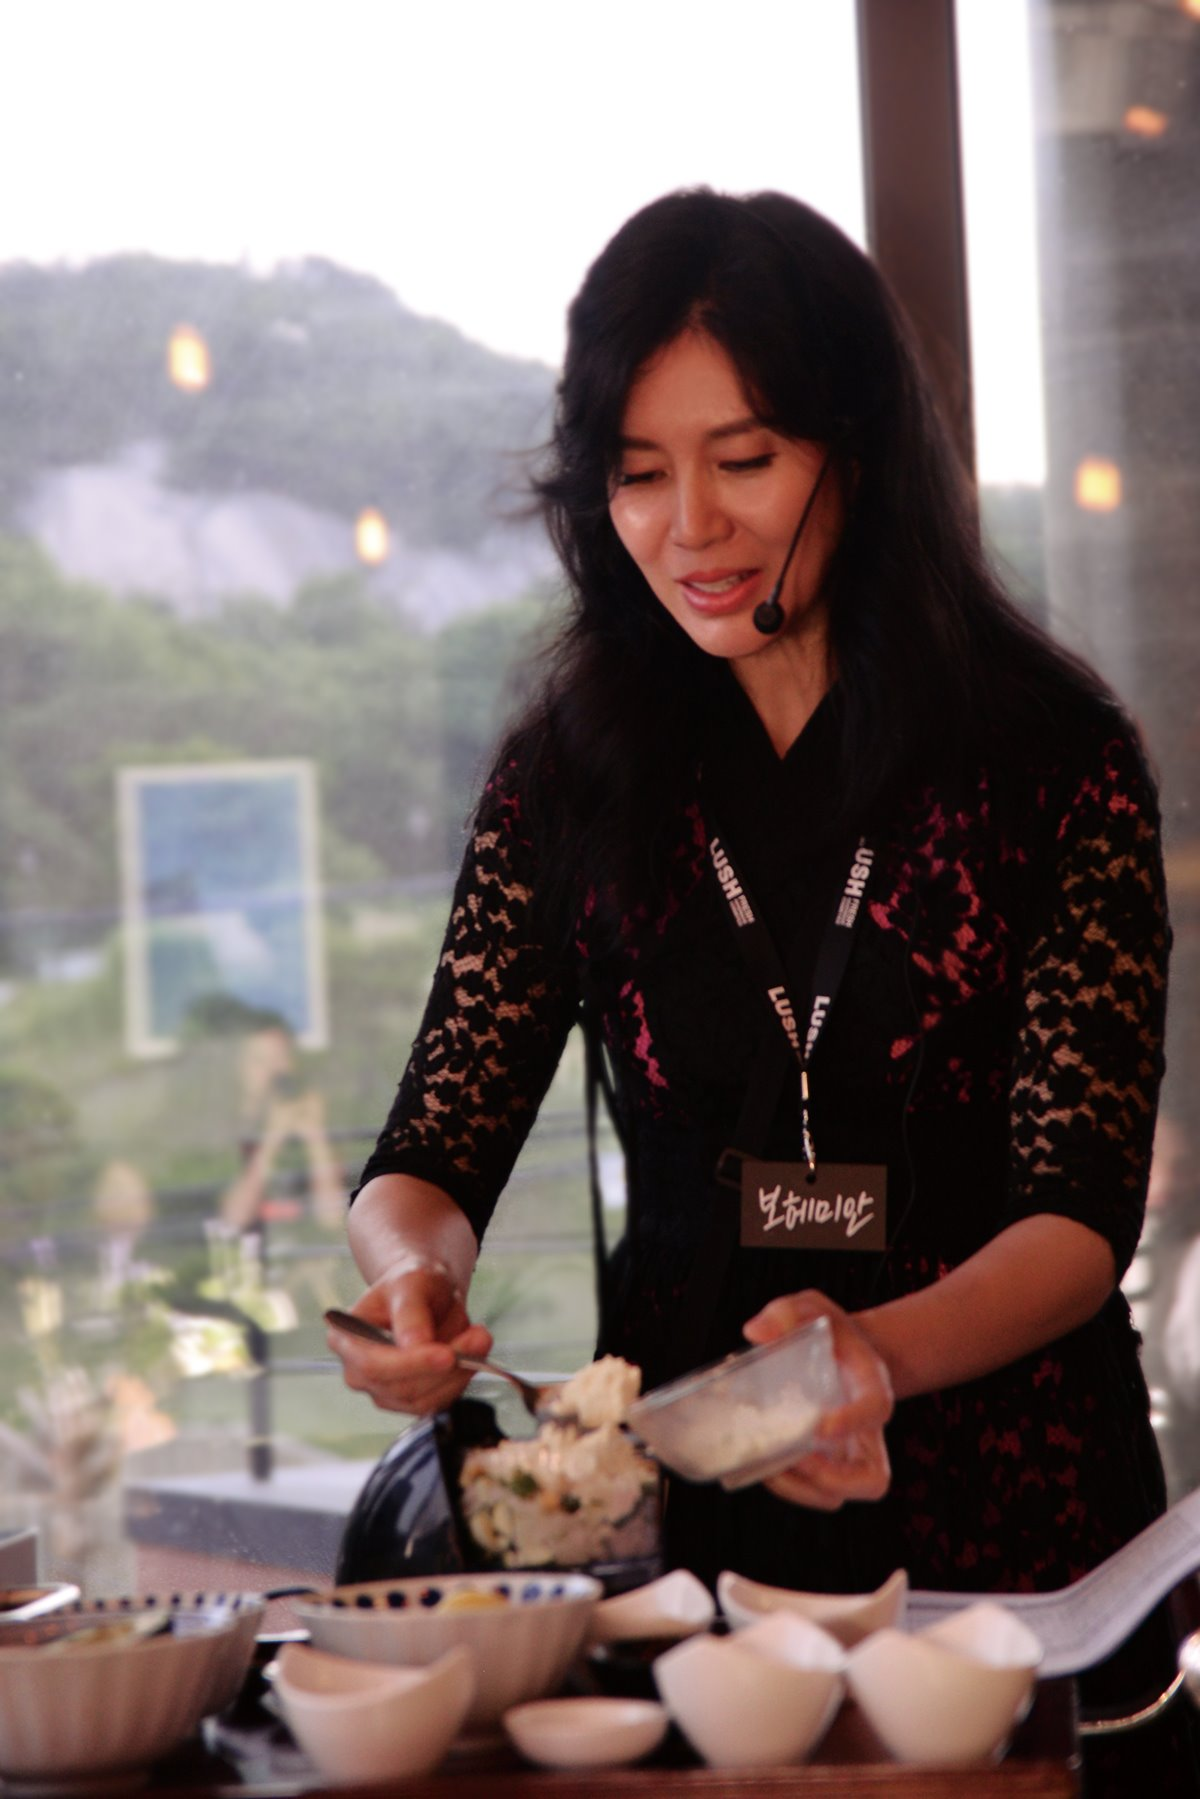 젤러쉬 창단식에서 요리를 시연 중인 보헤미안 대표 ©베어/LUSH